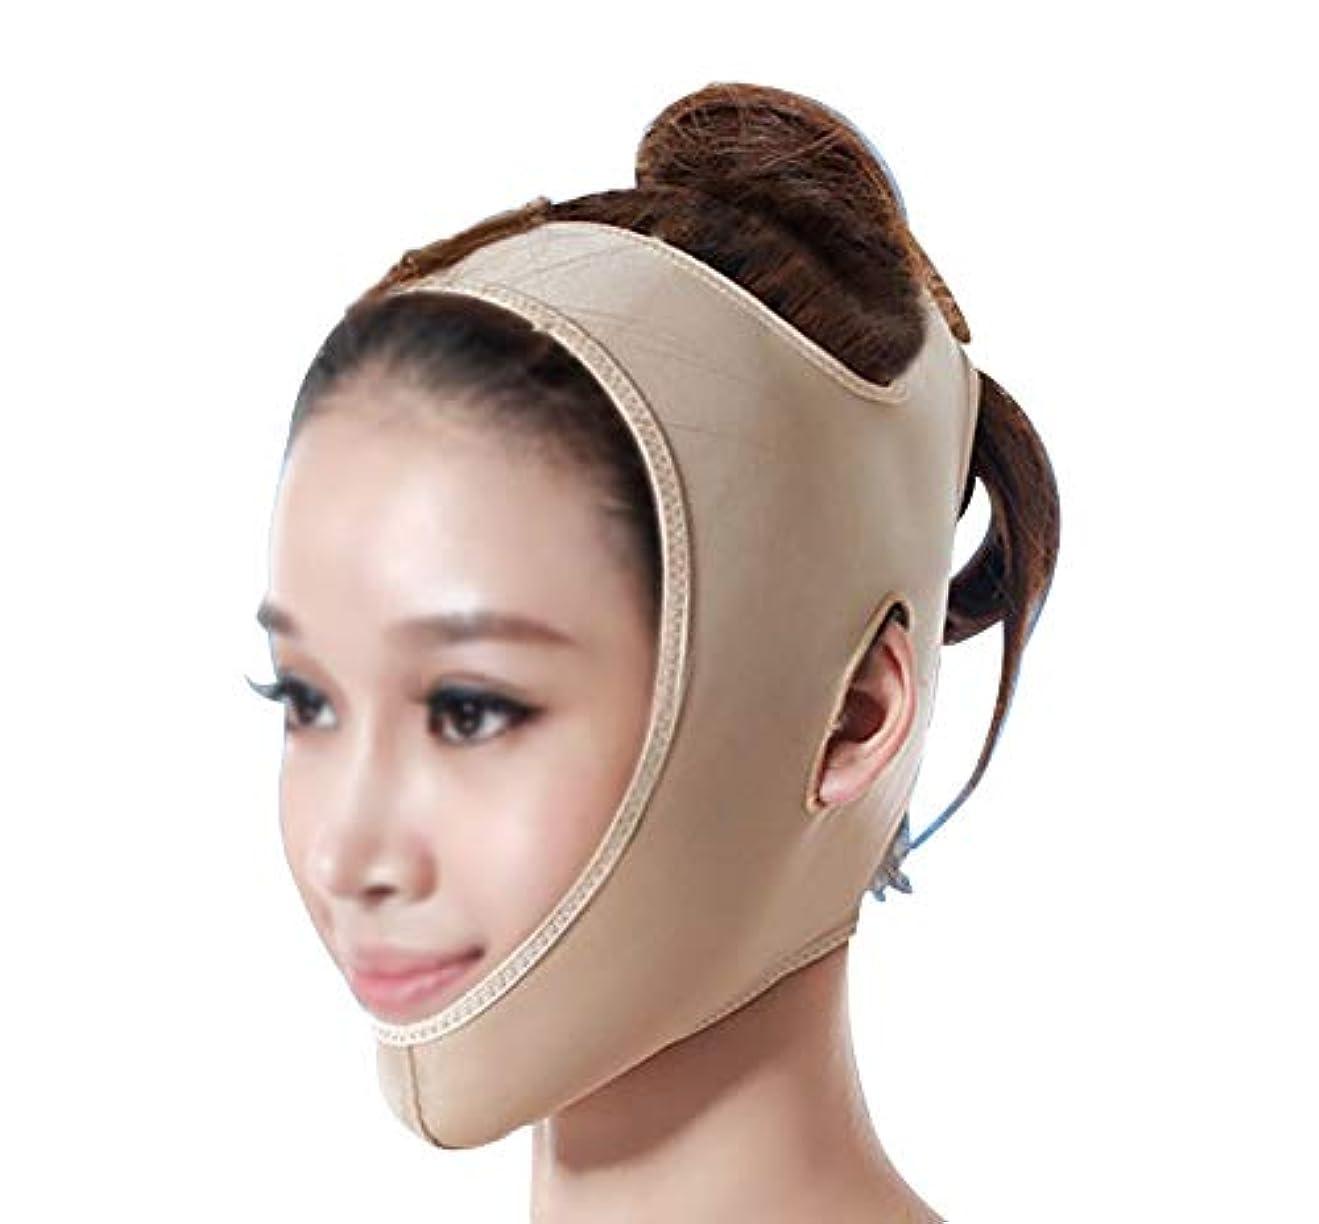 沿って燃料どんなときもTLMY 引き締めマスクマスク美容薬マスク美容V顔包帯ライン彫刻引き締めしっかりダブルチンマスク 顔用整形マスク (Size : M)